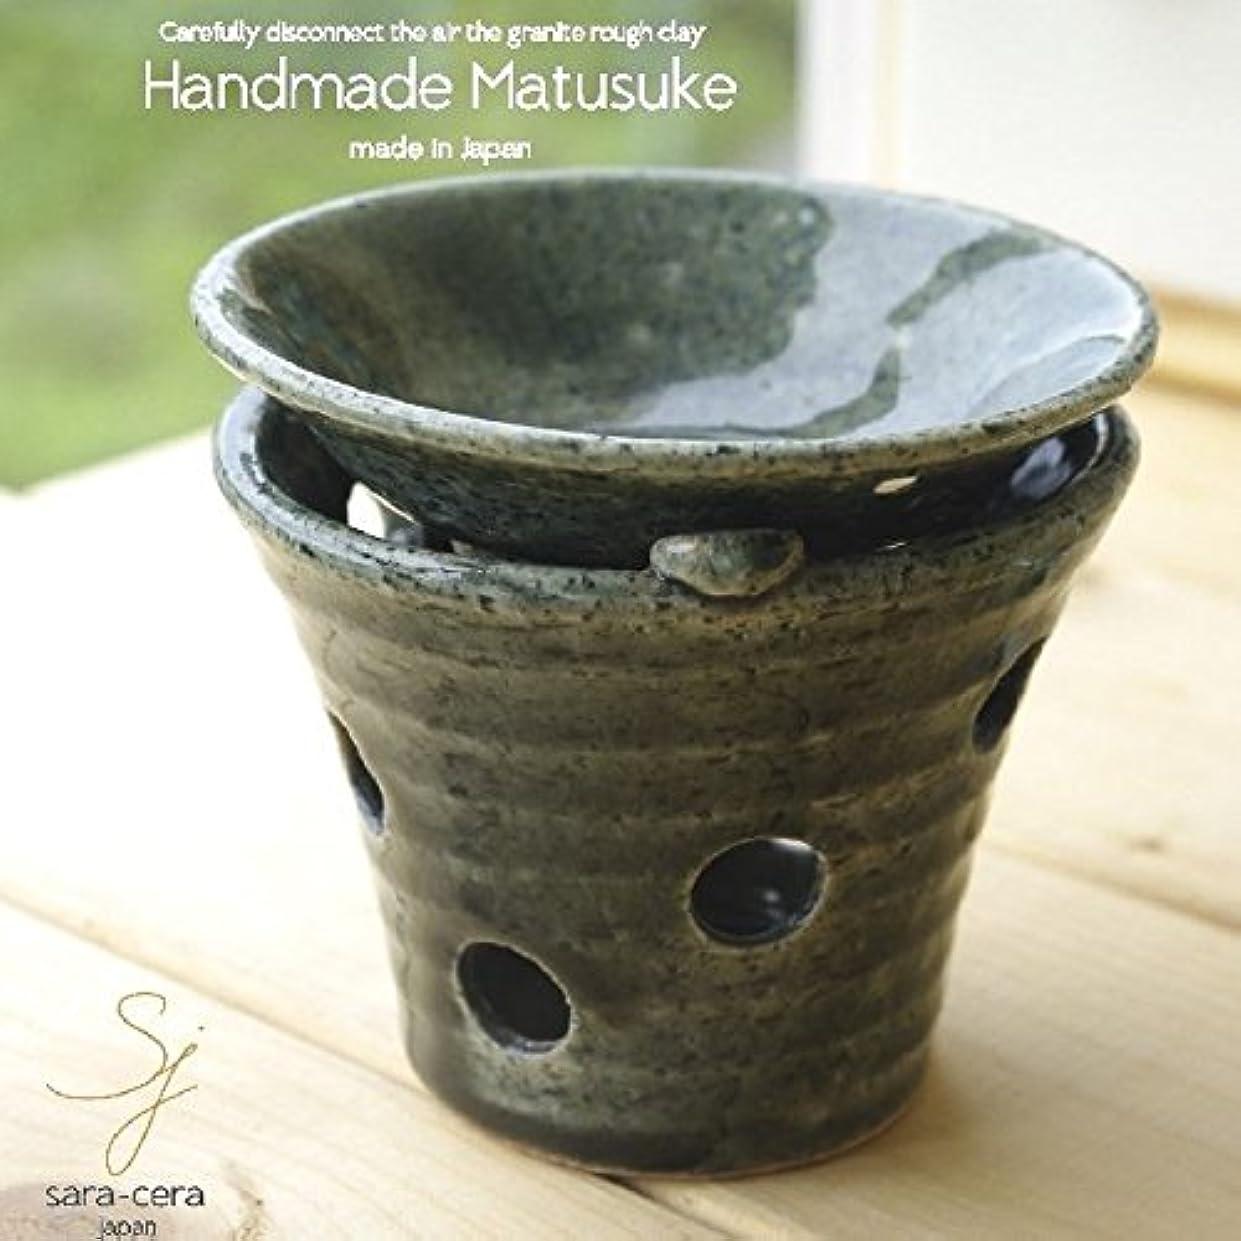 ダンプスリッパ災害松助窯 手作り茶香炉セット 織部釉 アロマ 和食器 リビング